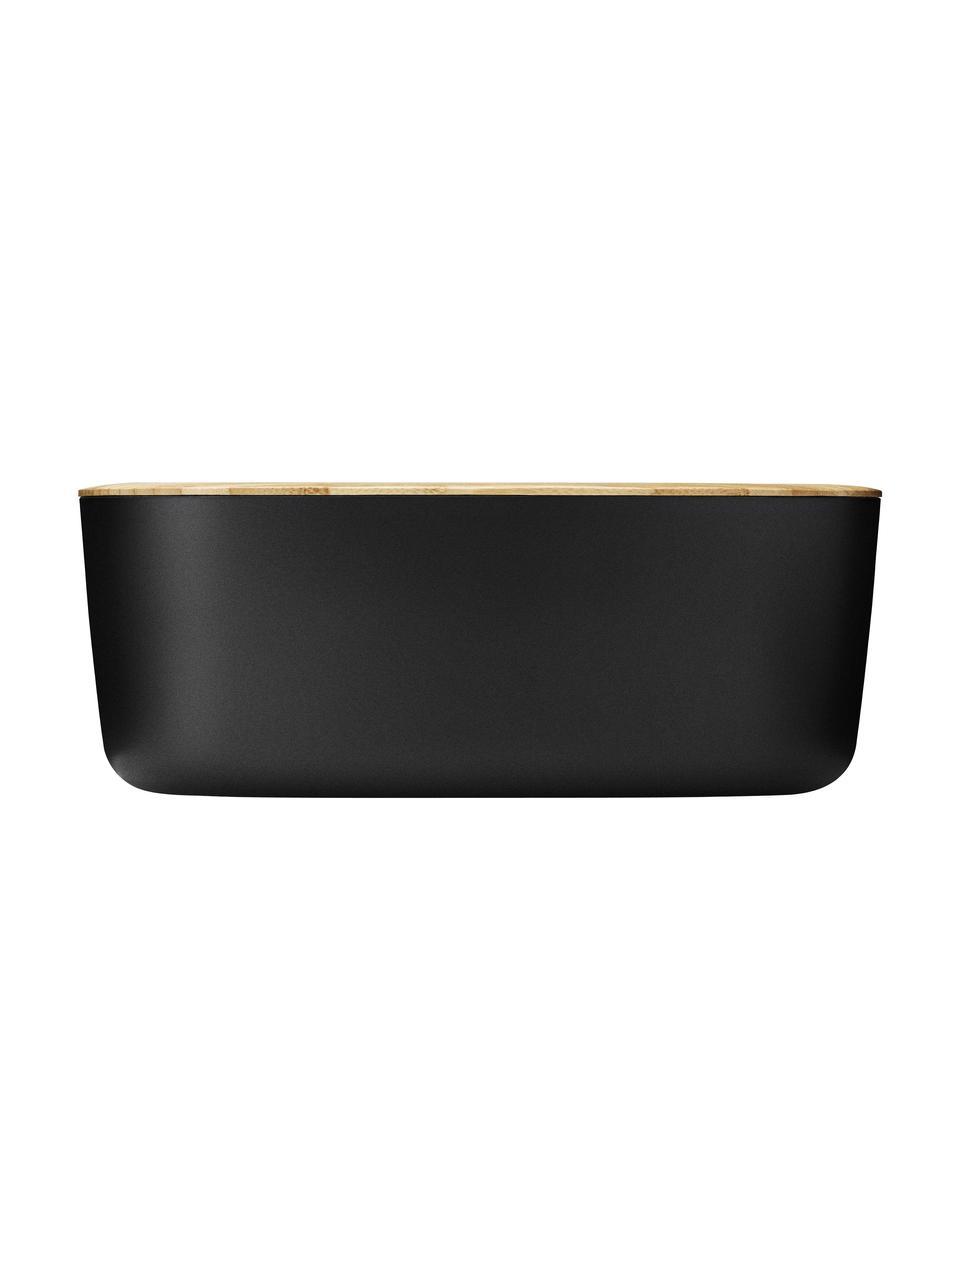 Maselniczka z pokrywką z bambusa Box-It, Czarny, matowy, drewno bambusowe, S 15 x W 7 x G 12 cm